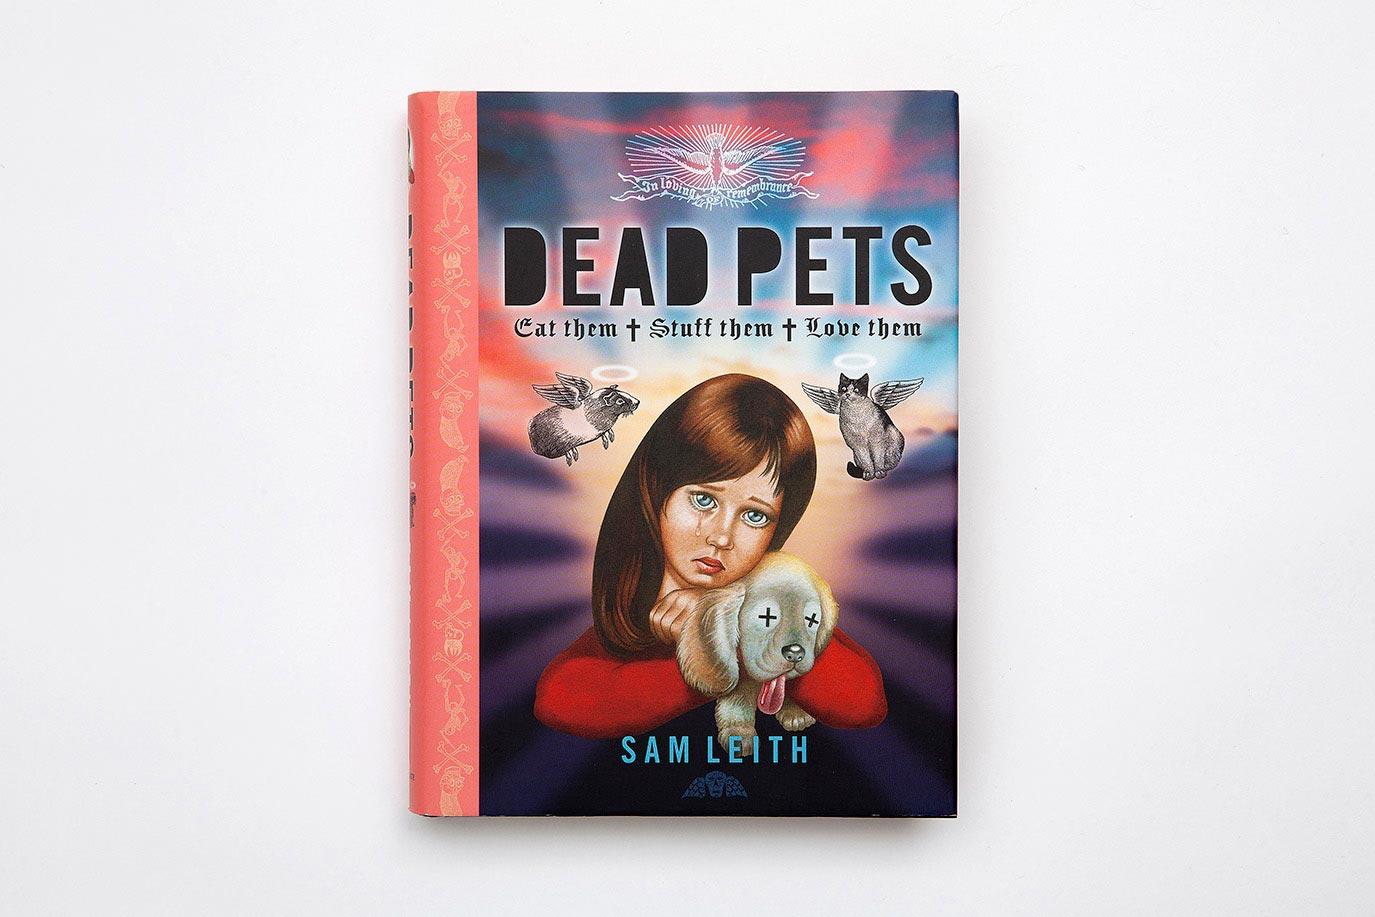 Dead Pets graphic